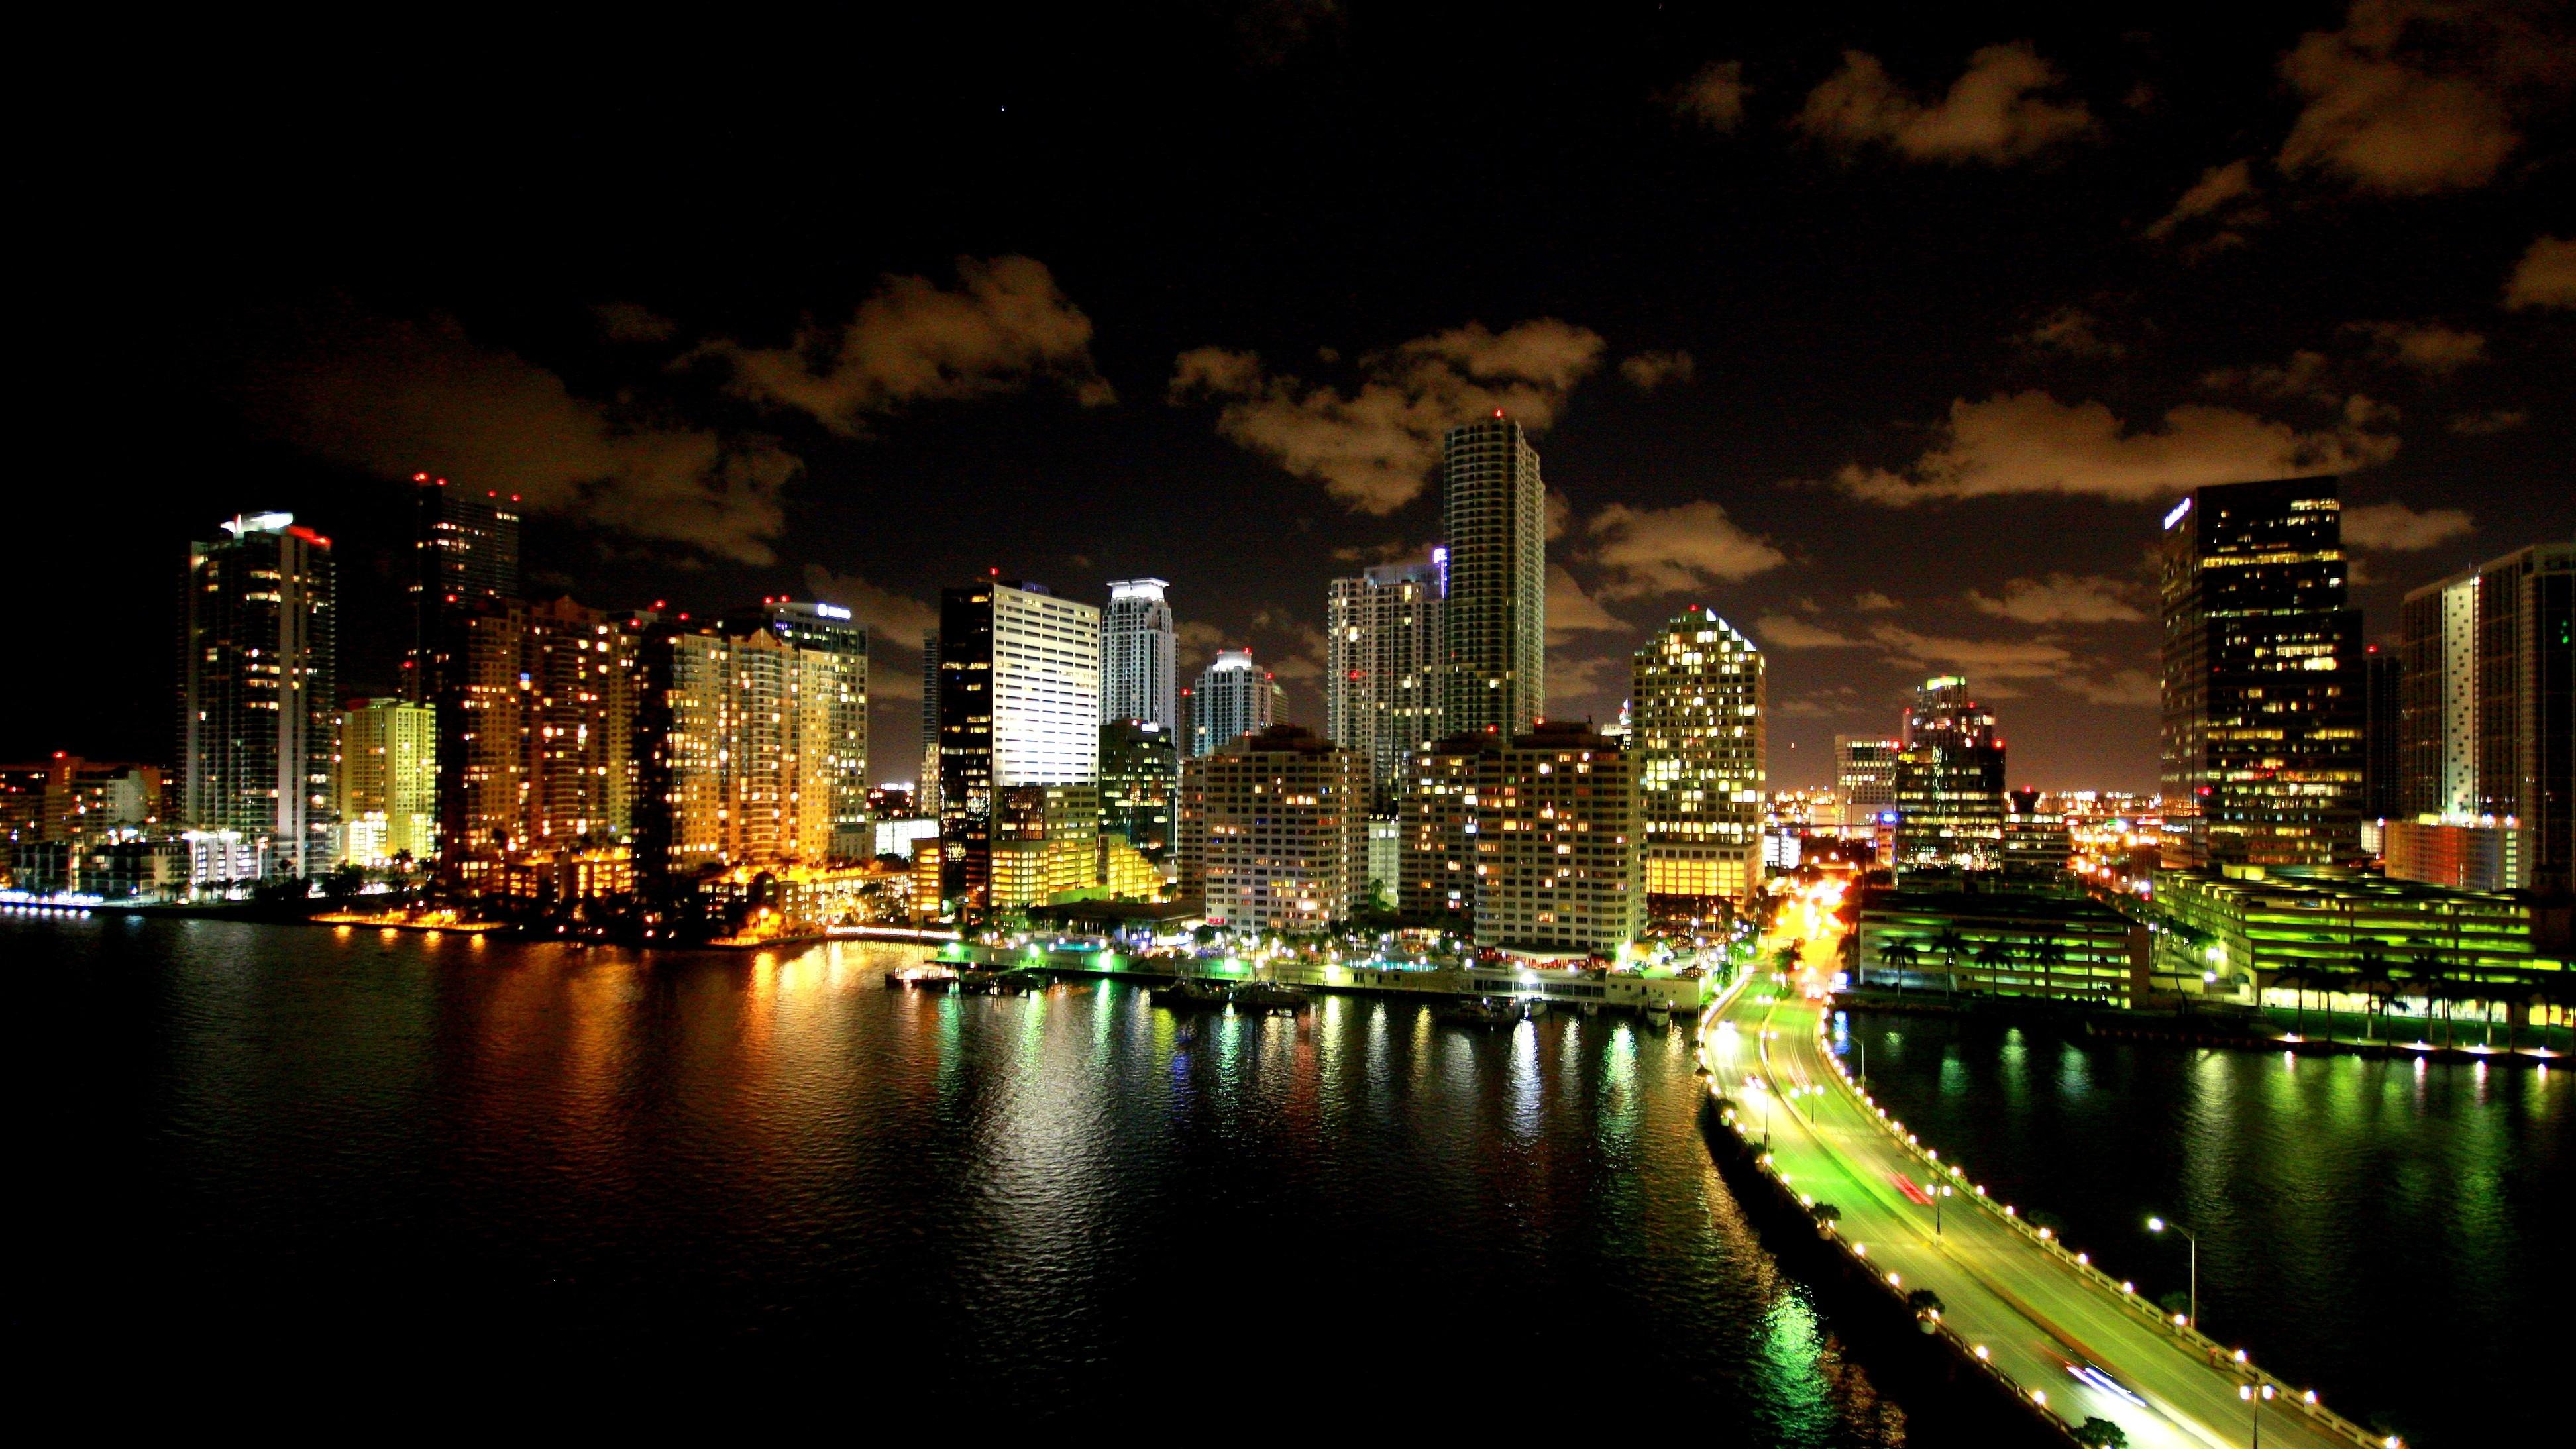 Красивые картинки ночного города на рабочий стол